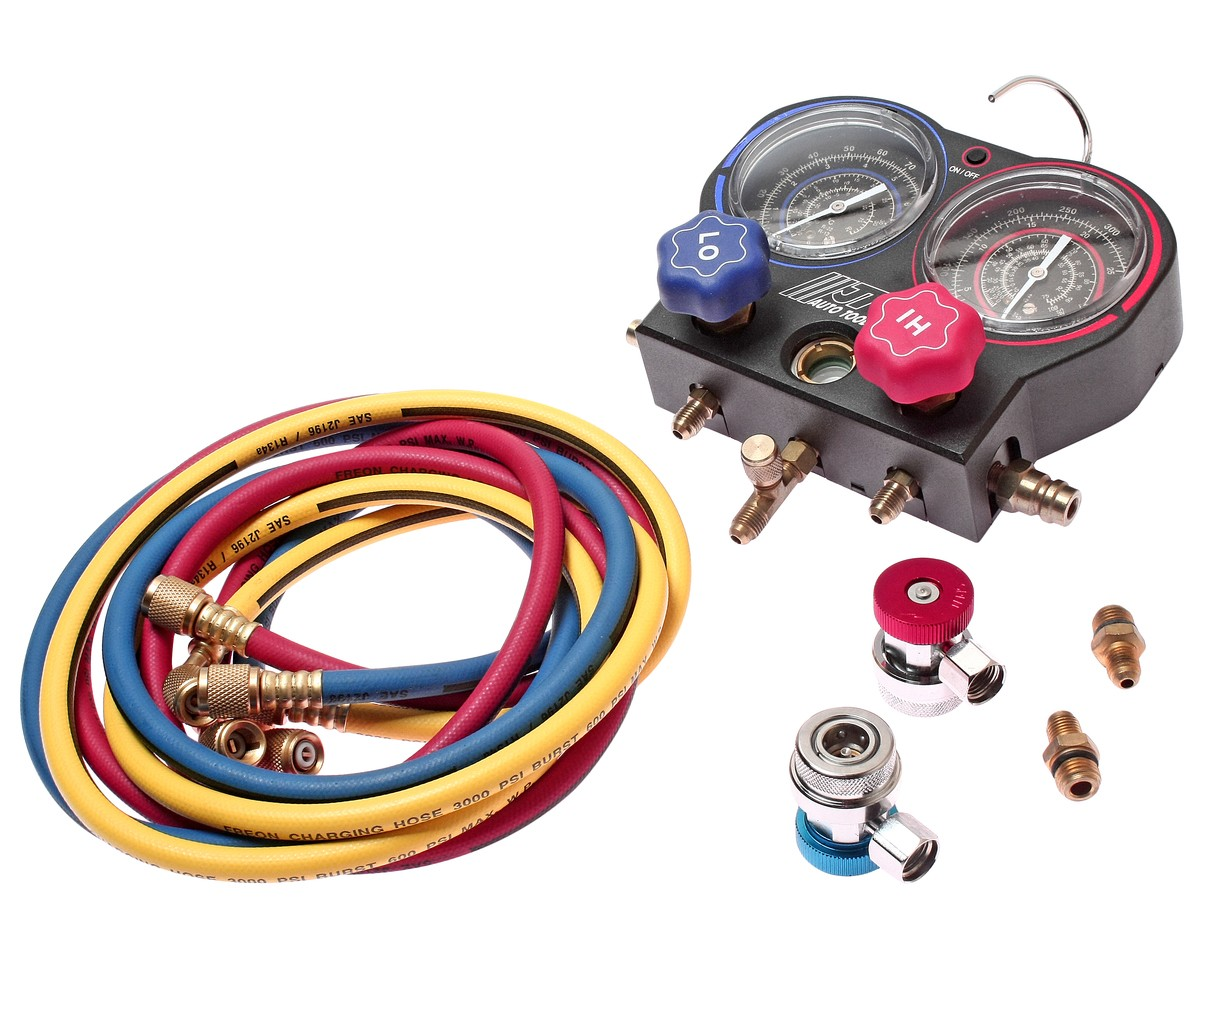 JTC-4499 Приспособление для обслуживания автокондиционера комплект